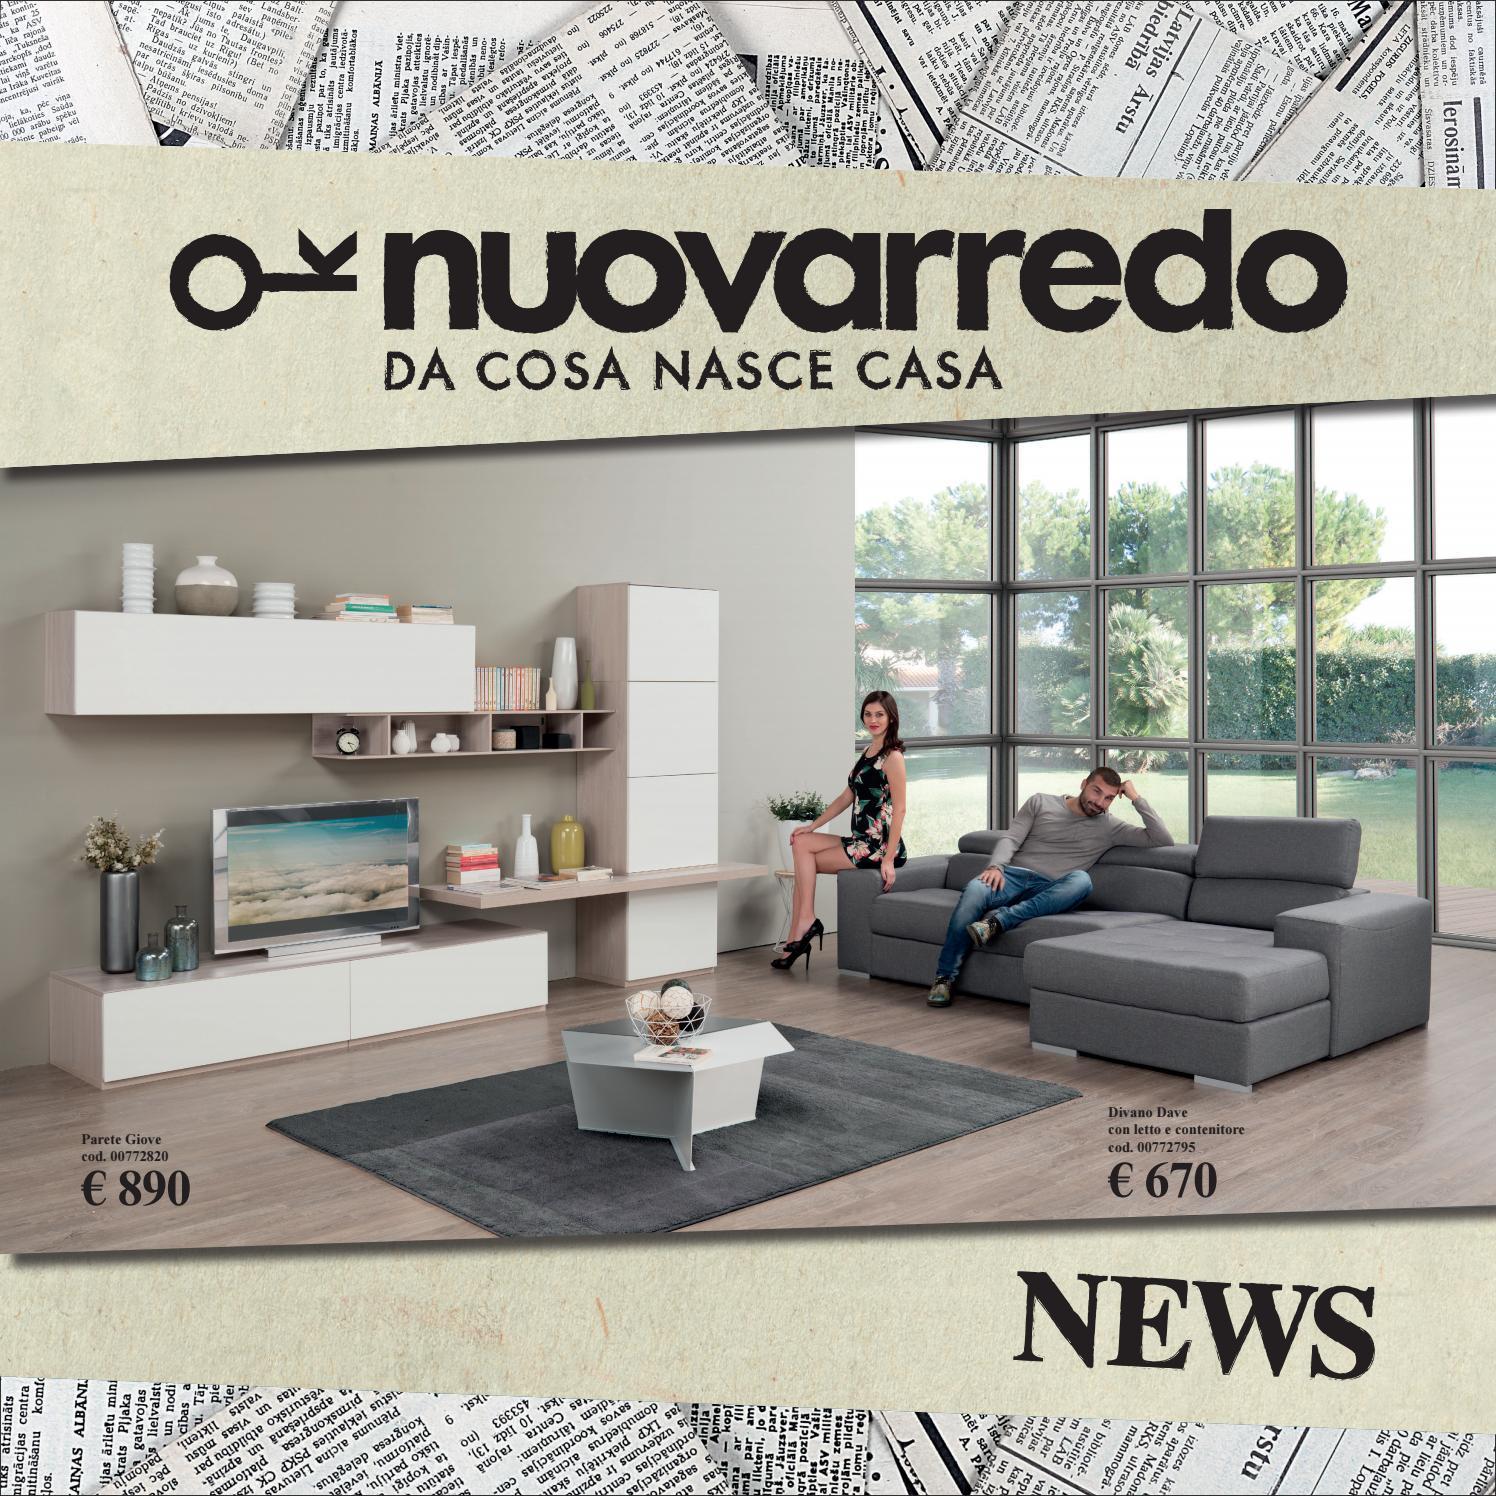 Tabloid Nuovarredo News Marzo 2017 By Nuovarredo Issuu